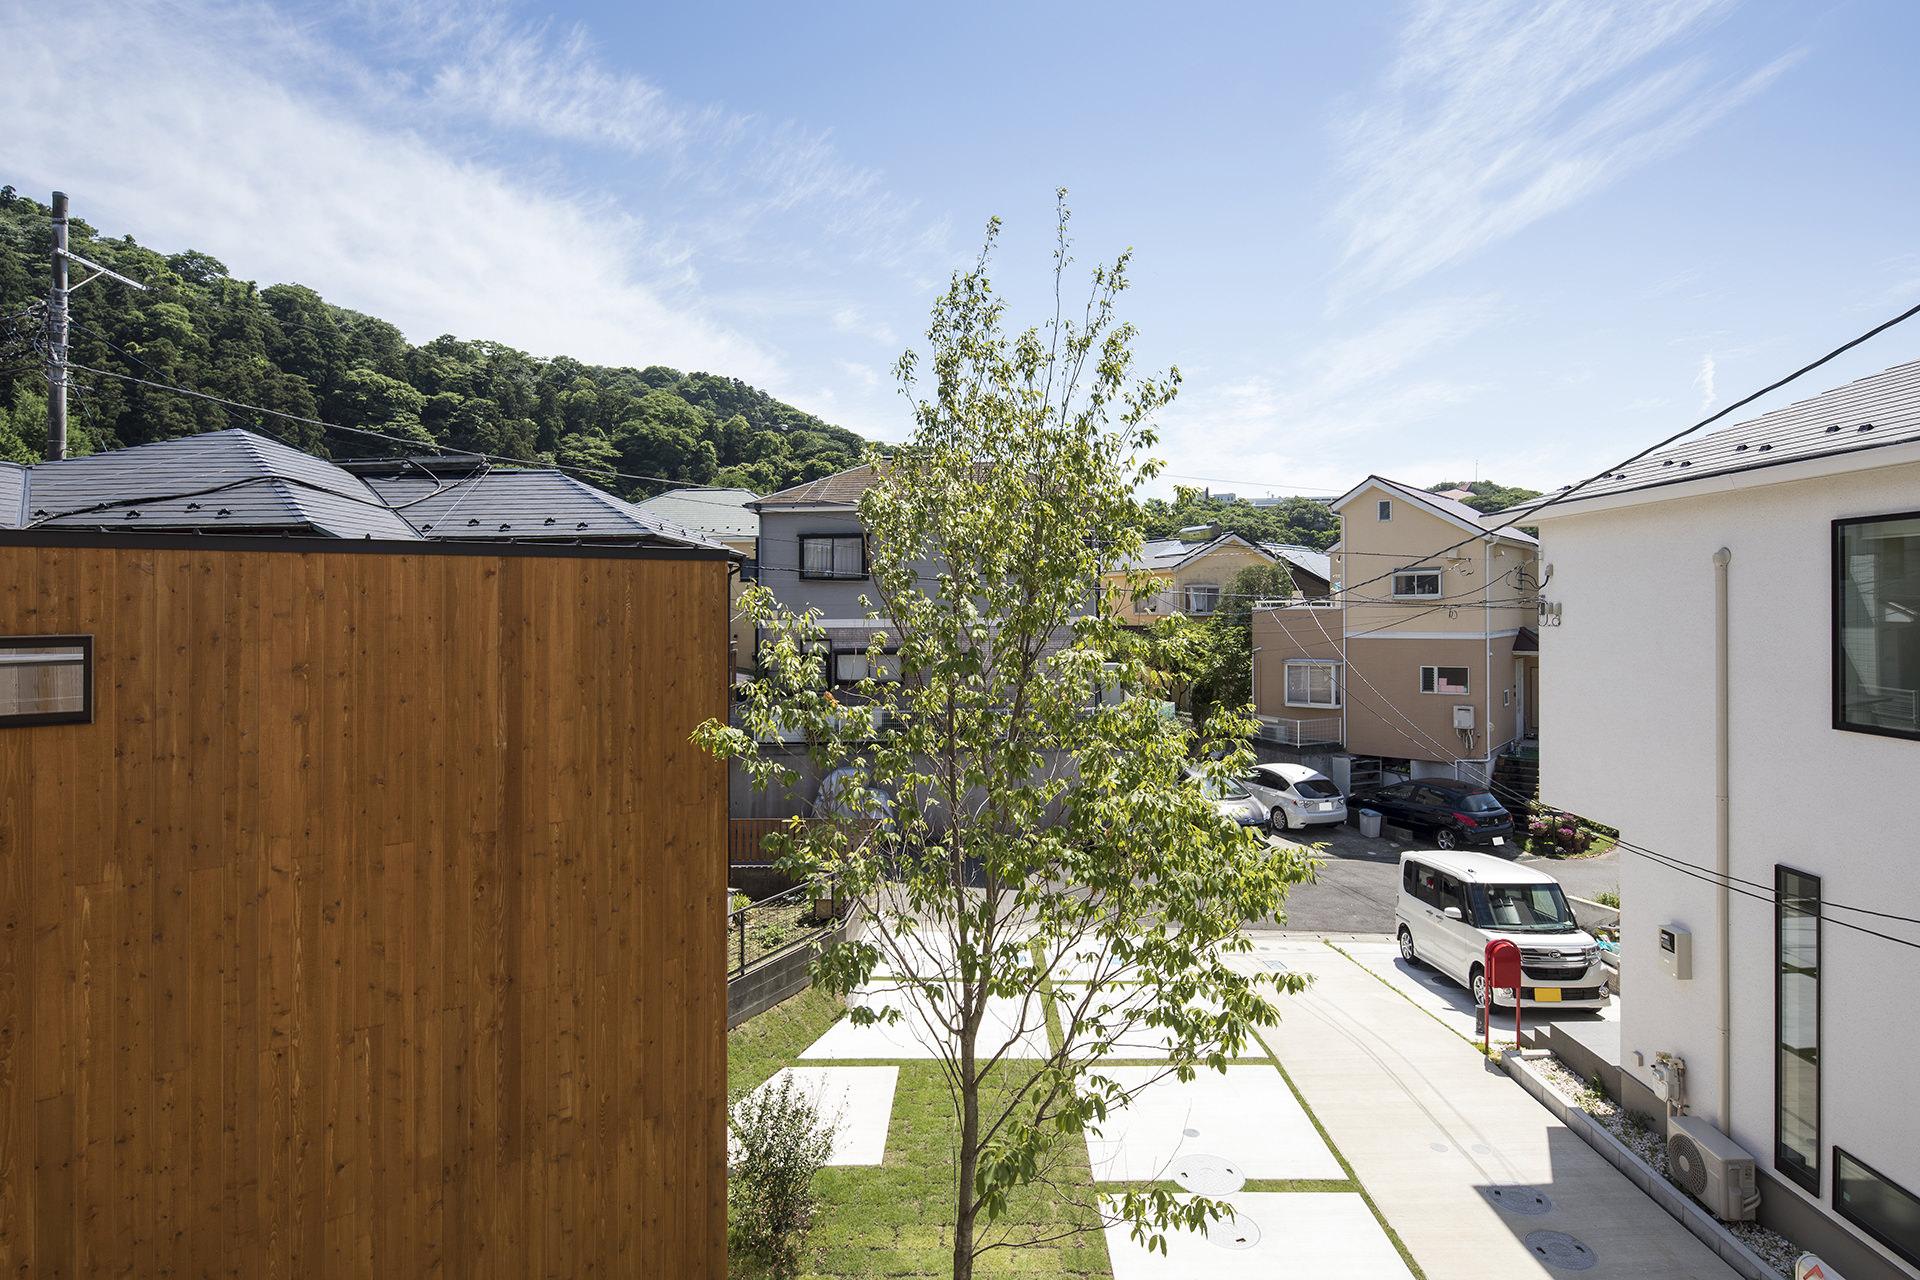 「小屋と畑。余白のある家 」イメージ13 撮影:東涌宏和